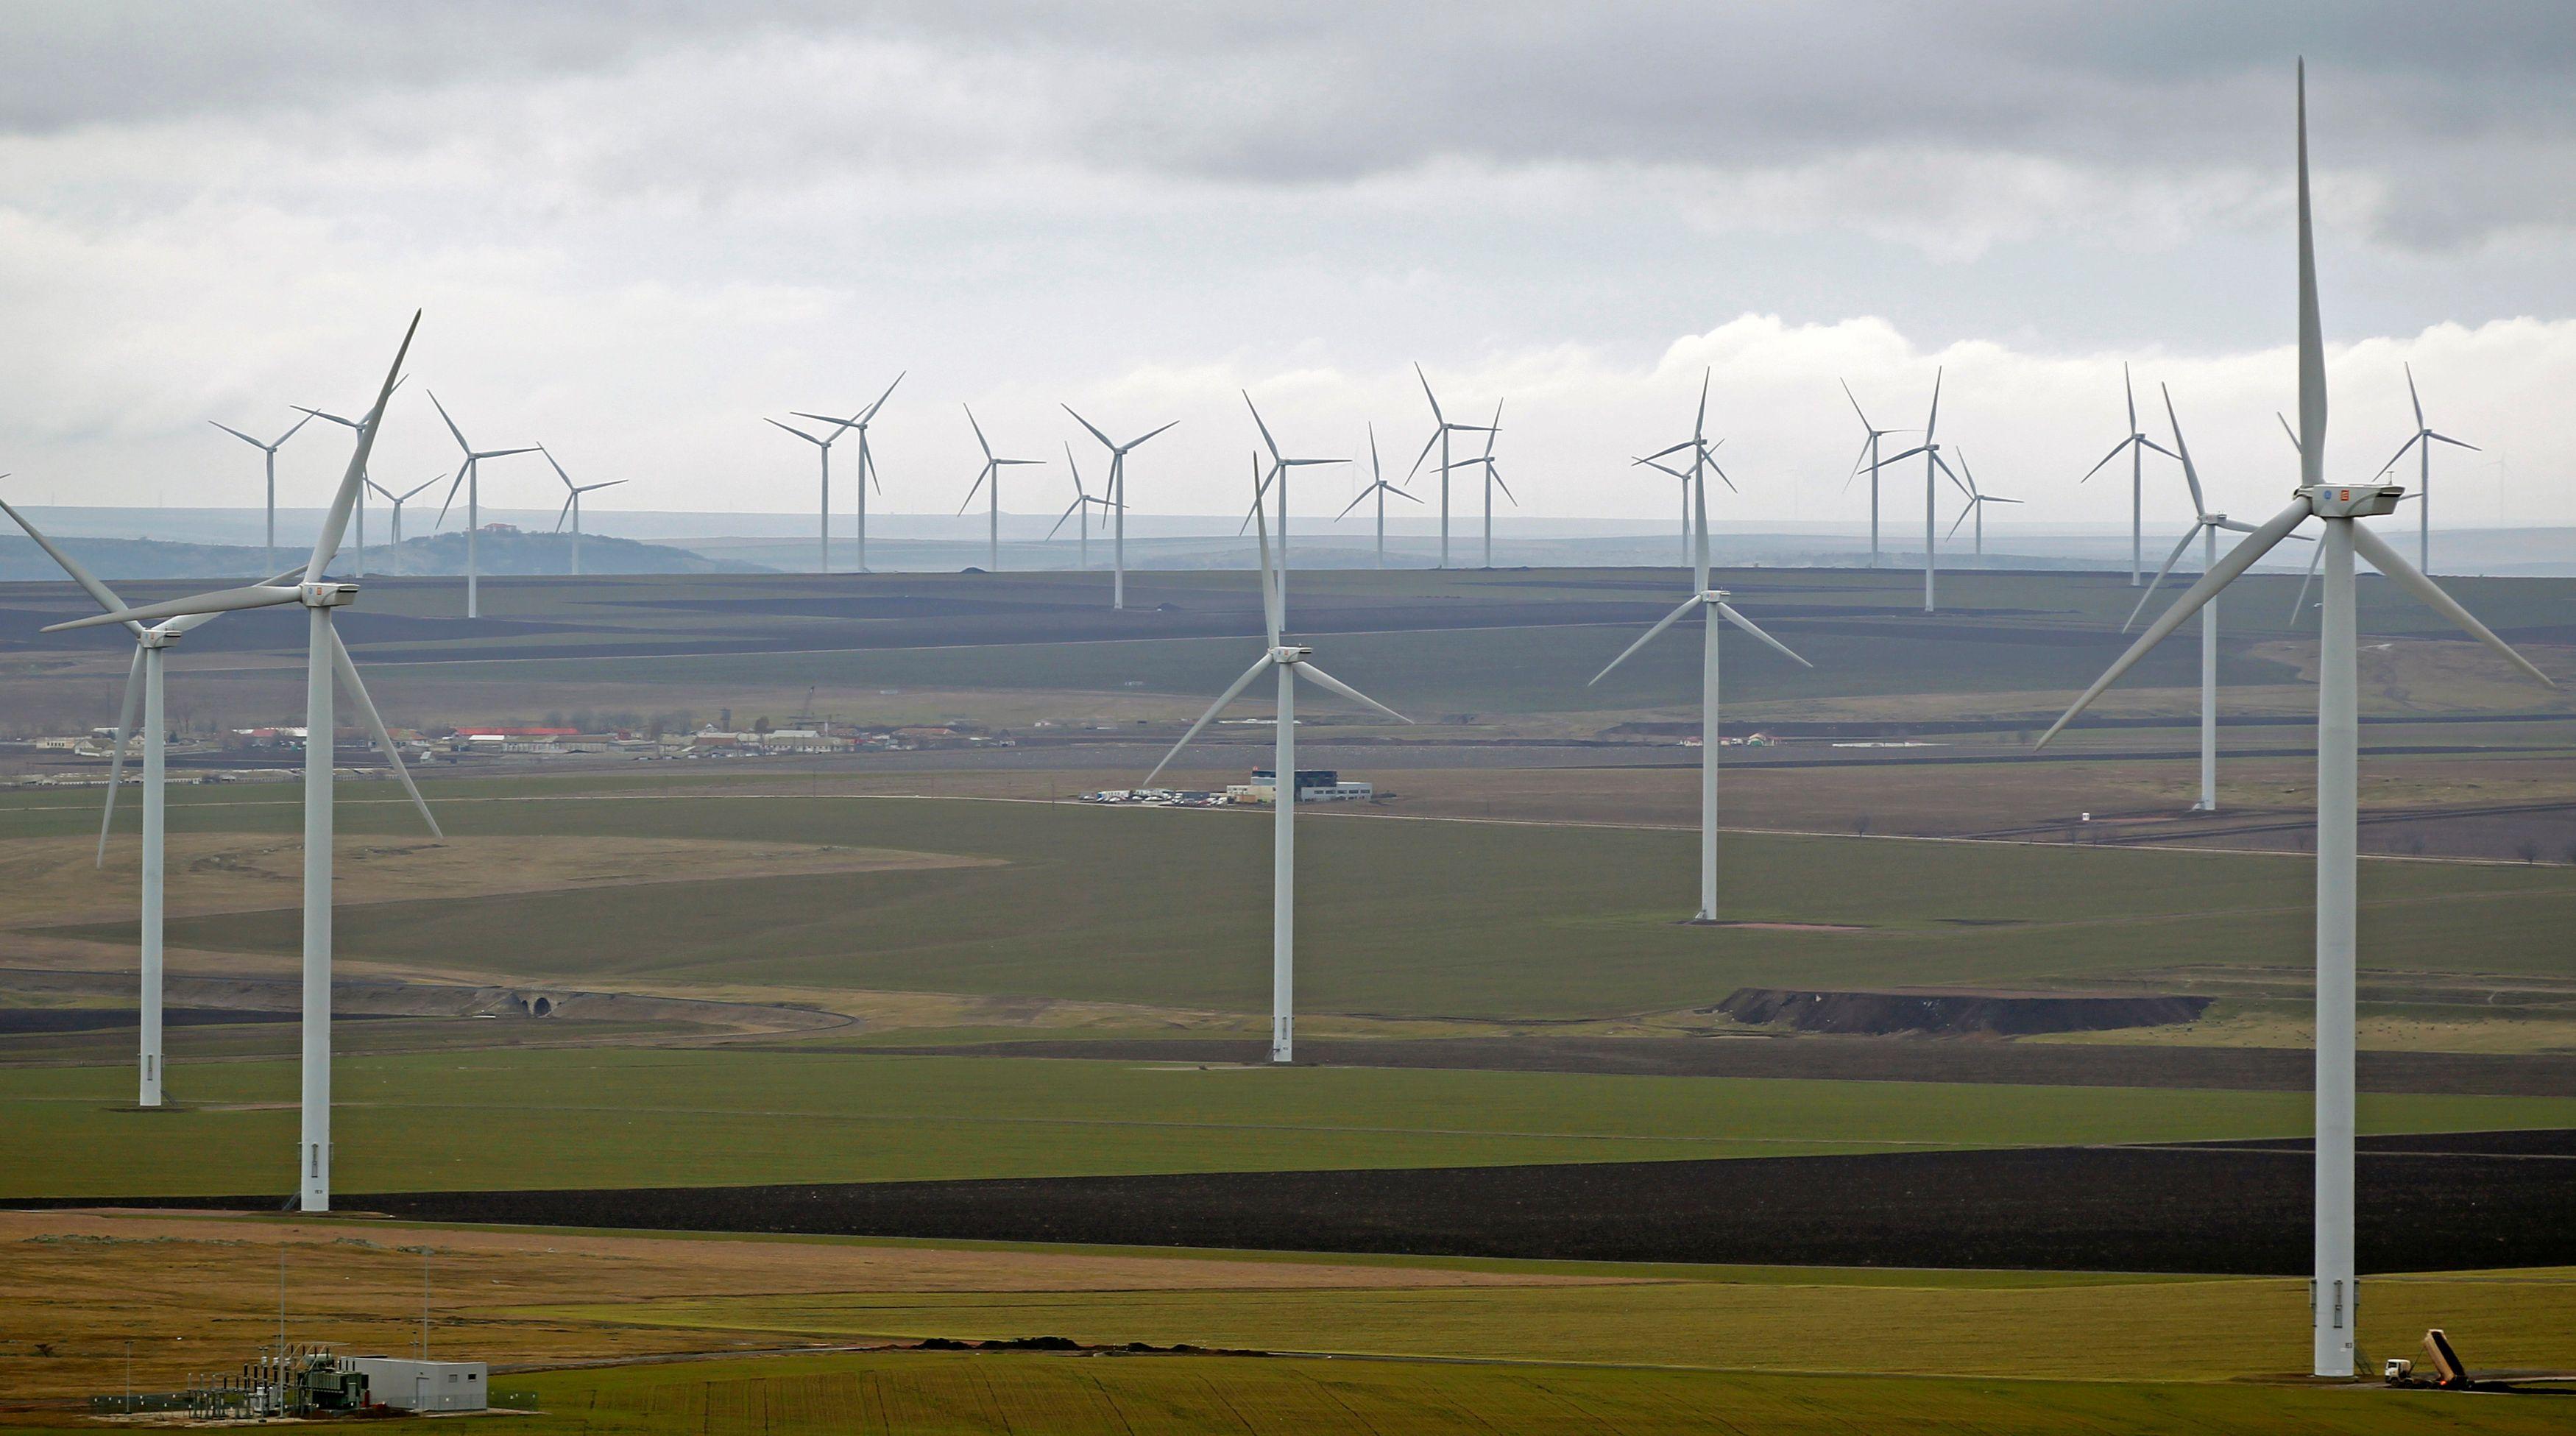 Les éoliennes françaises produiraient moins d'énergie que leurs voisines belges.